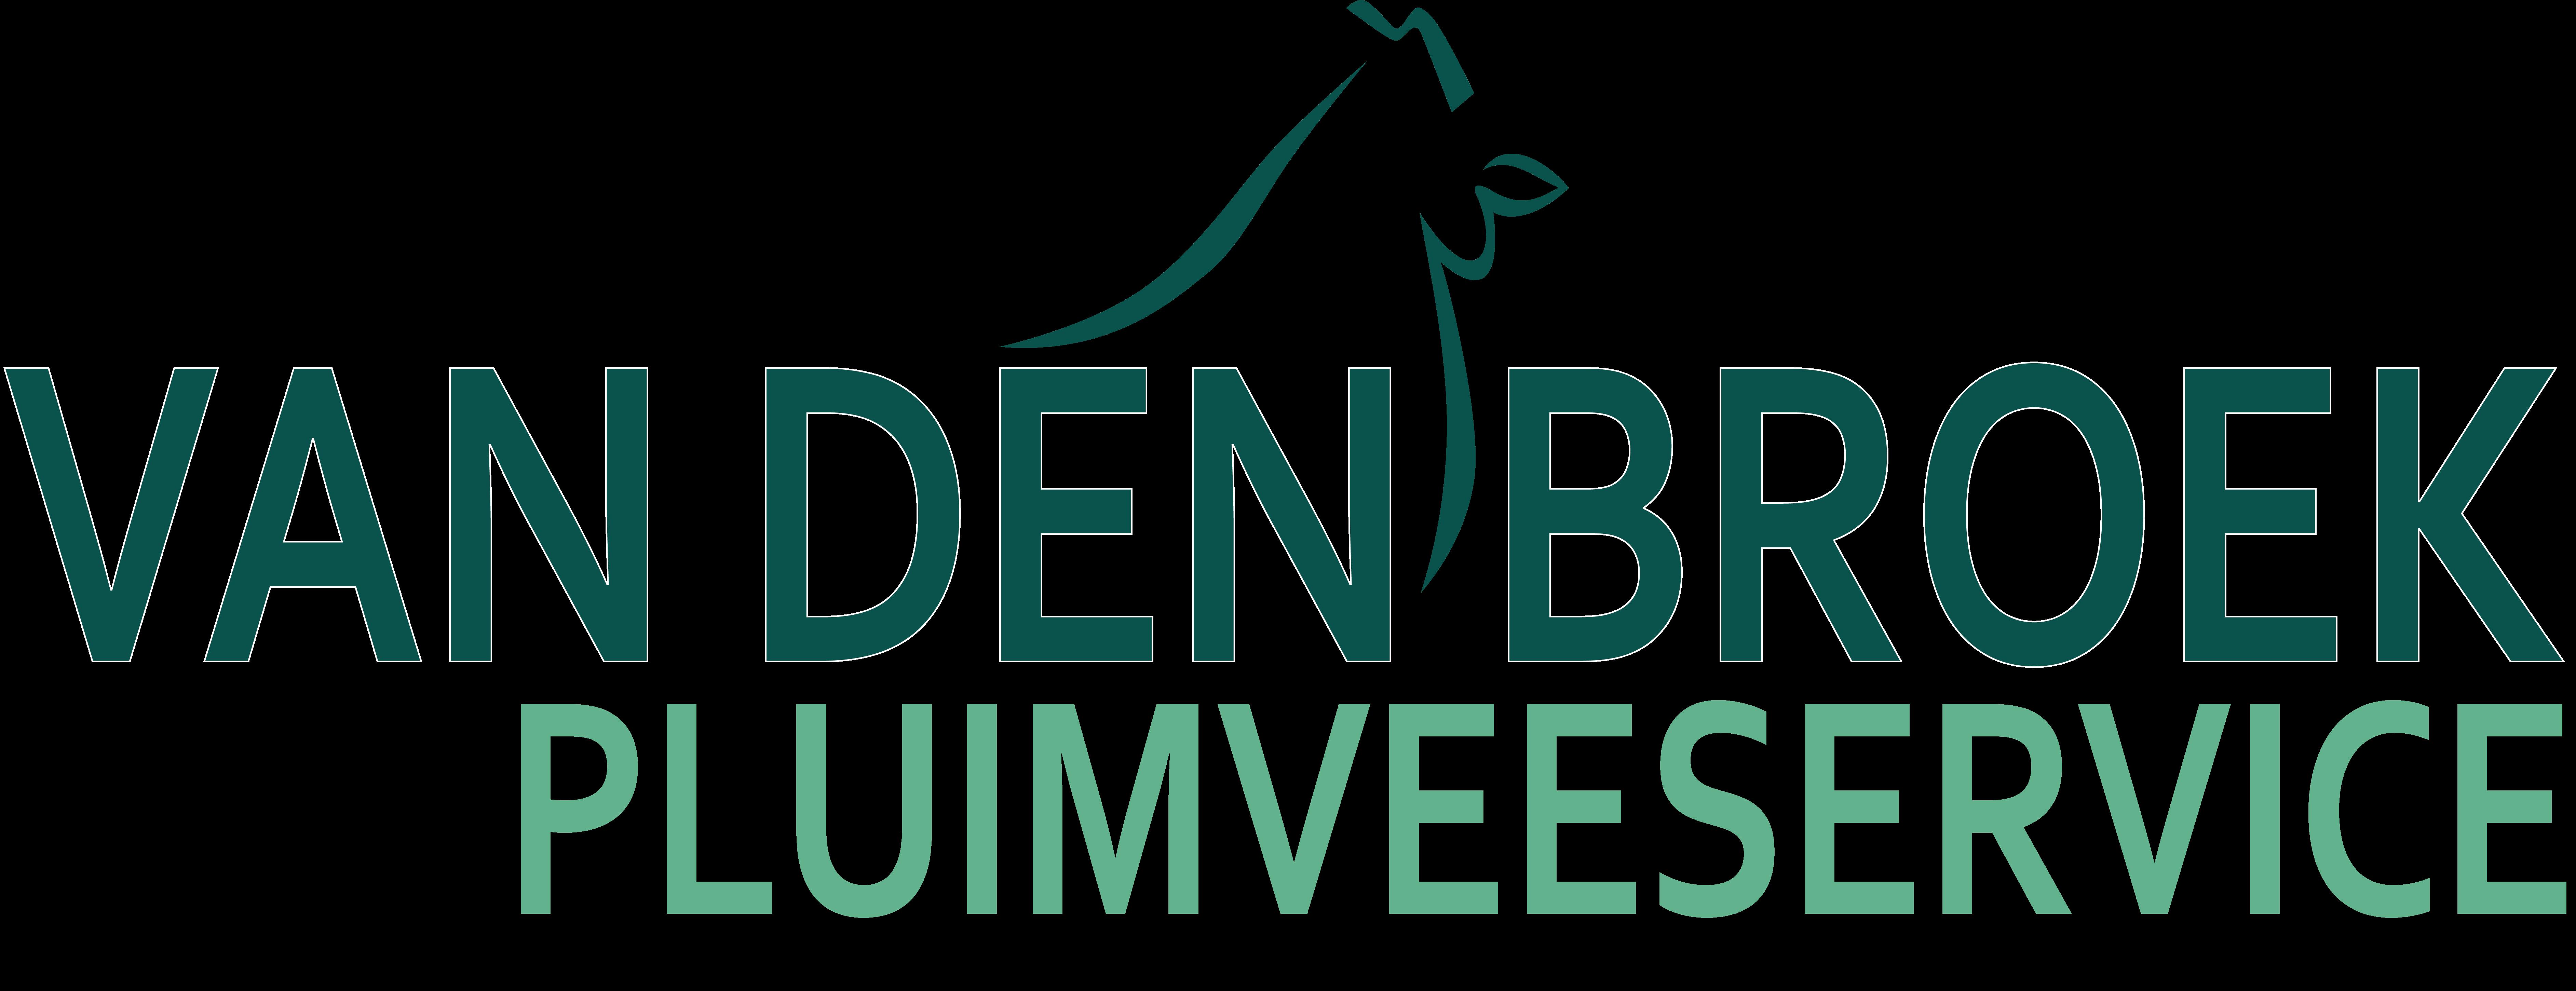 Logo Van den Broek Pluimveeservice kleur